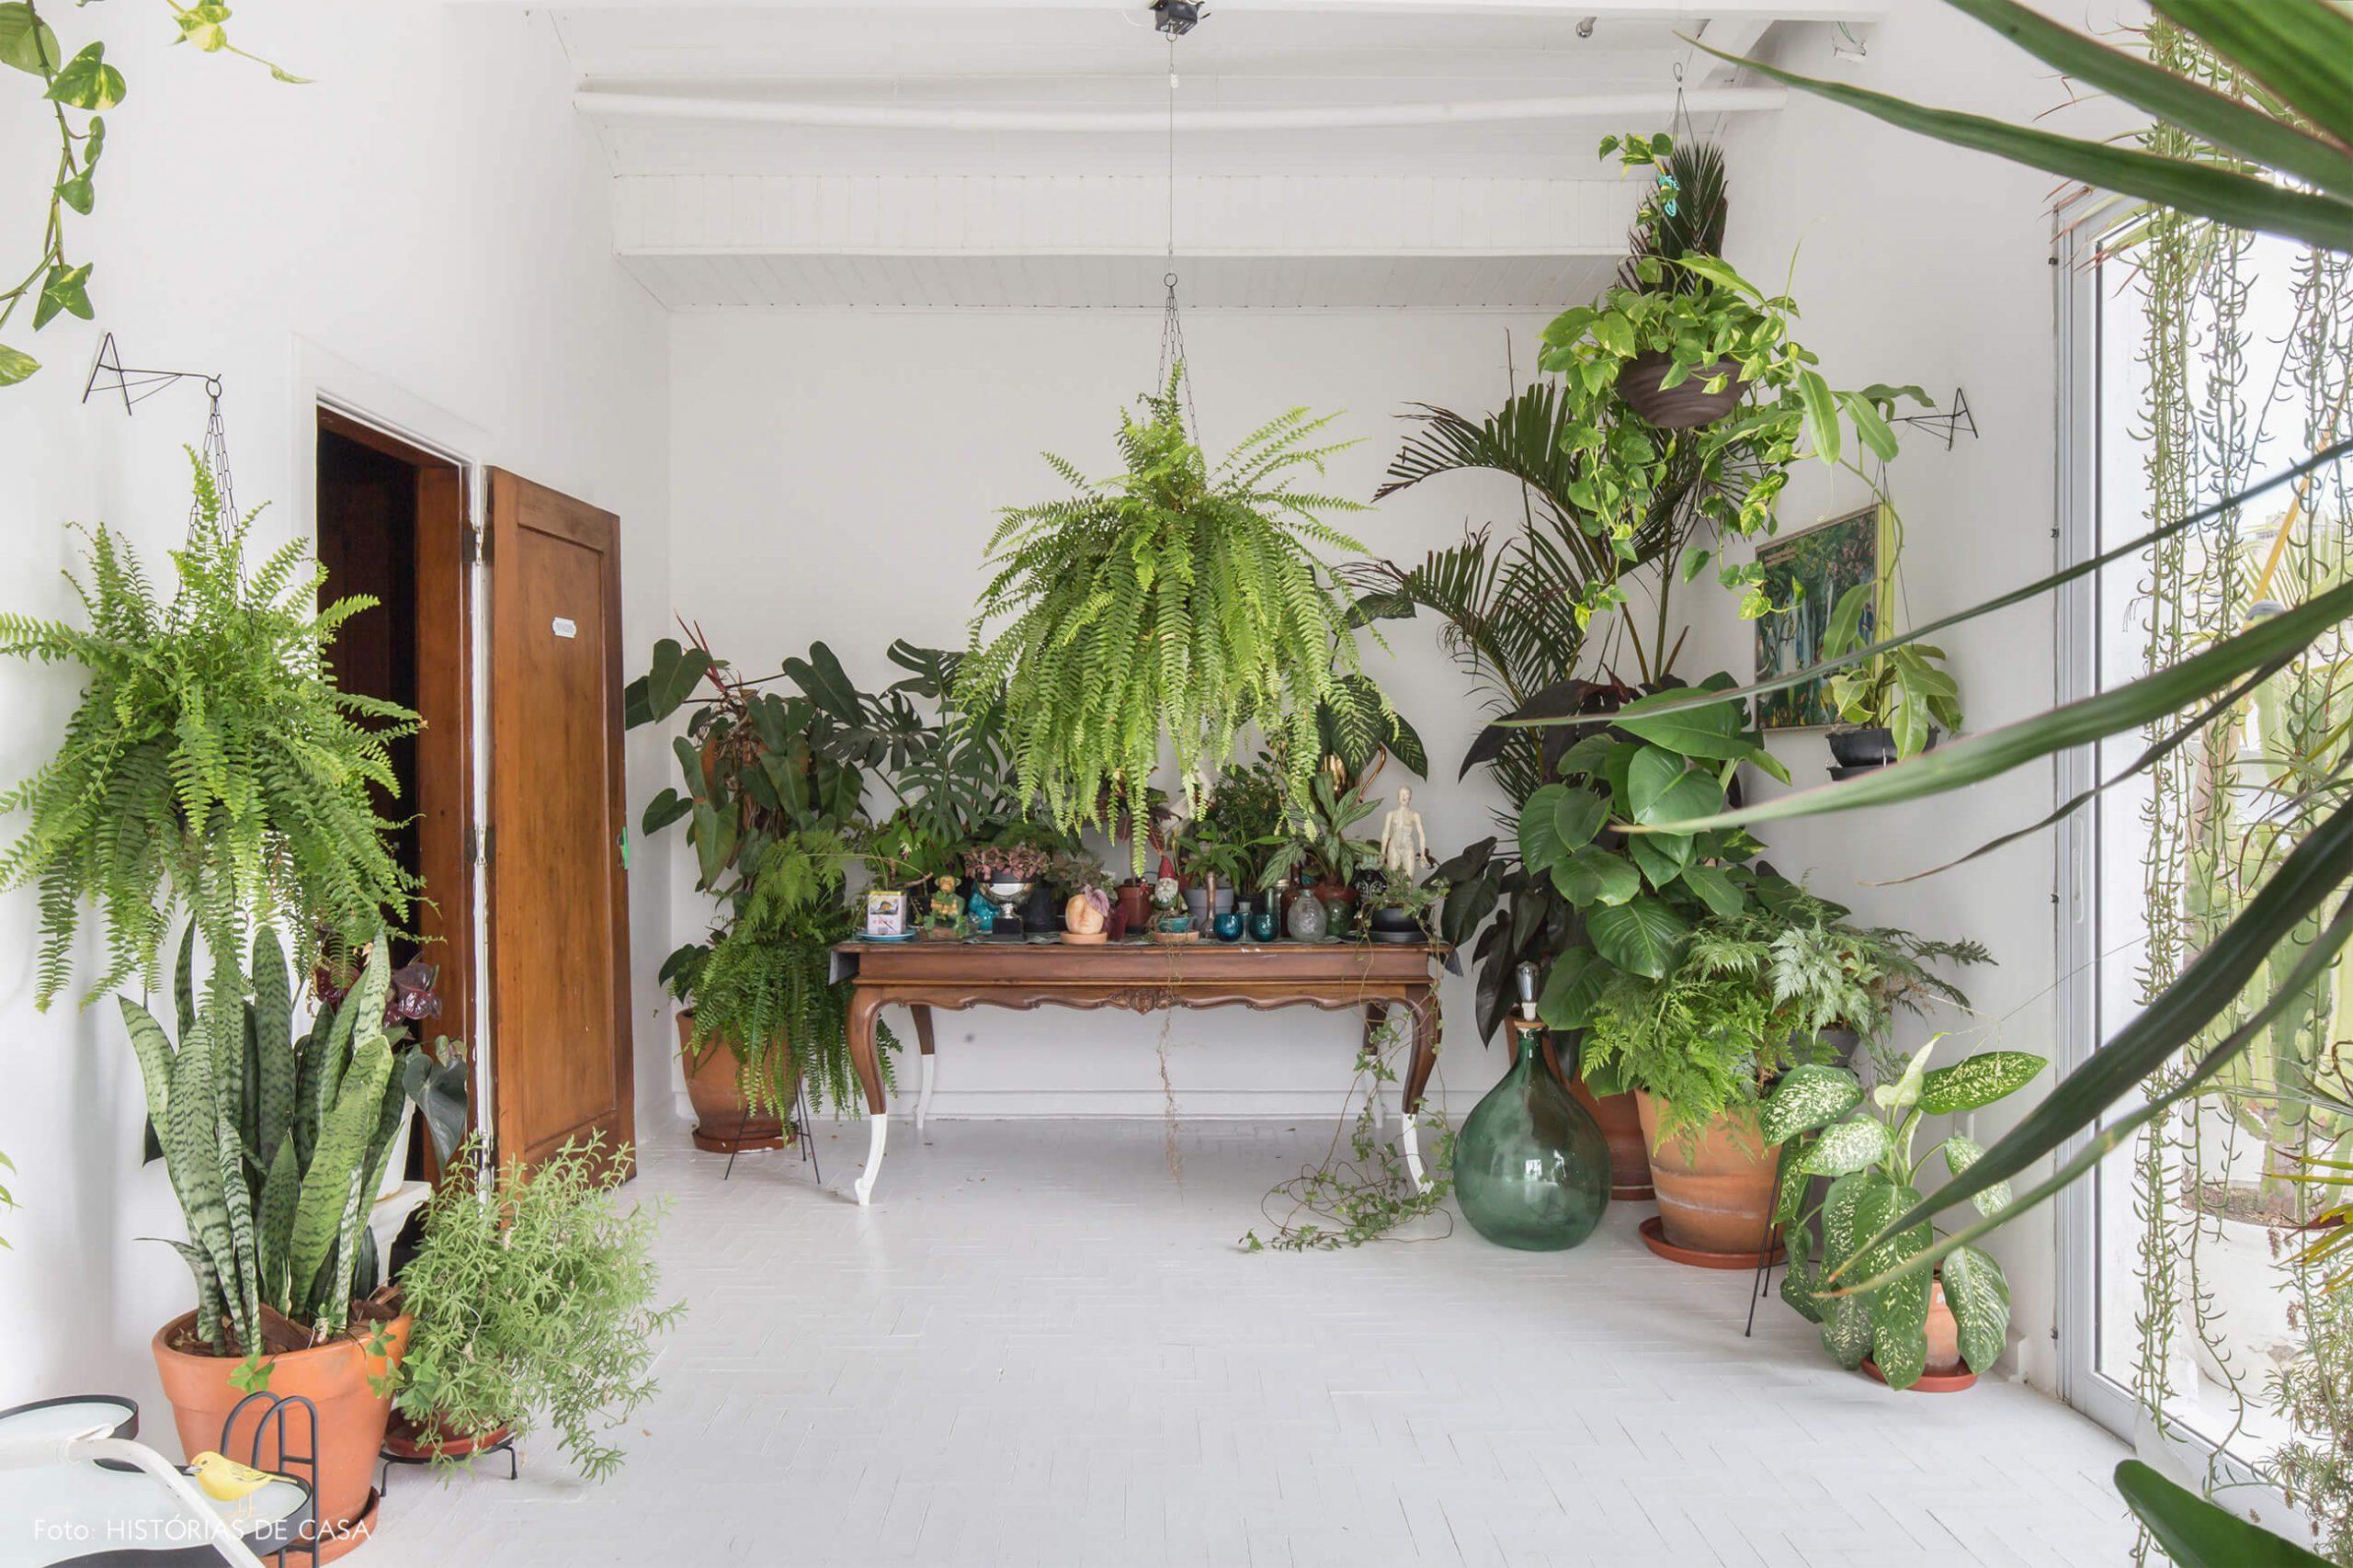 sala-com-plantas-e-mesa-de-madeira